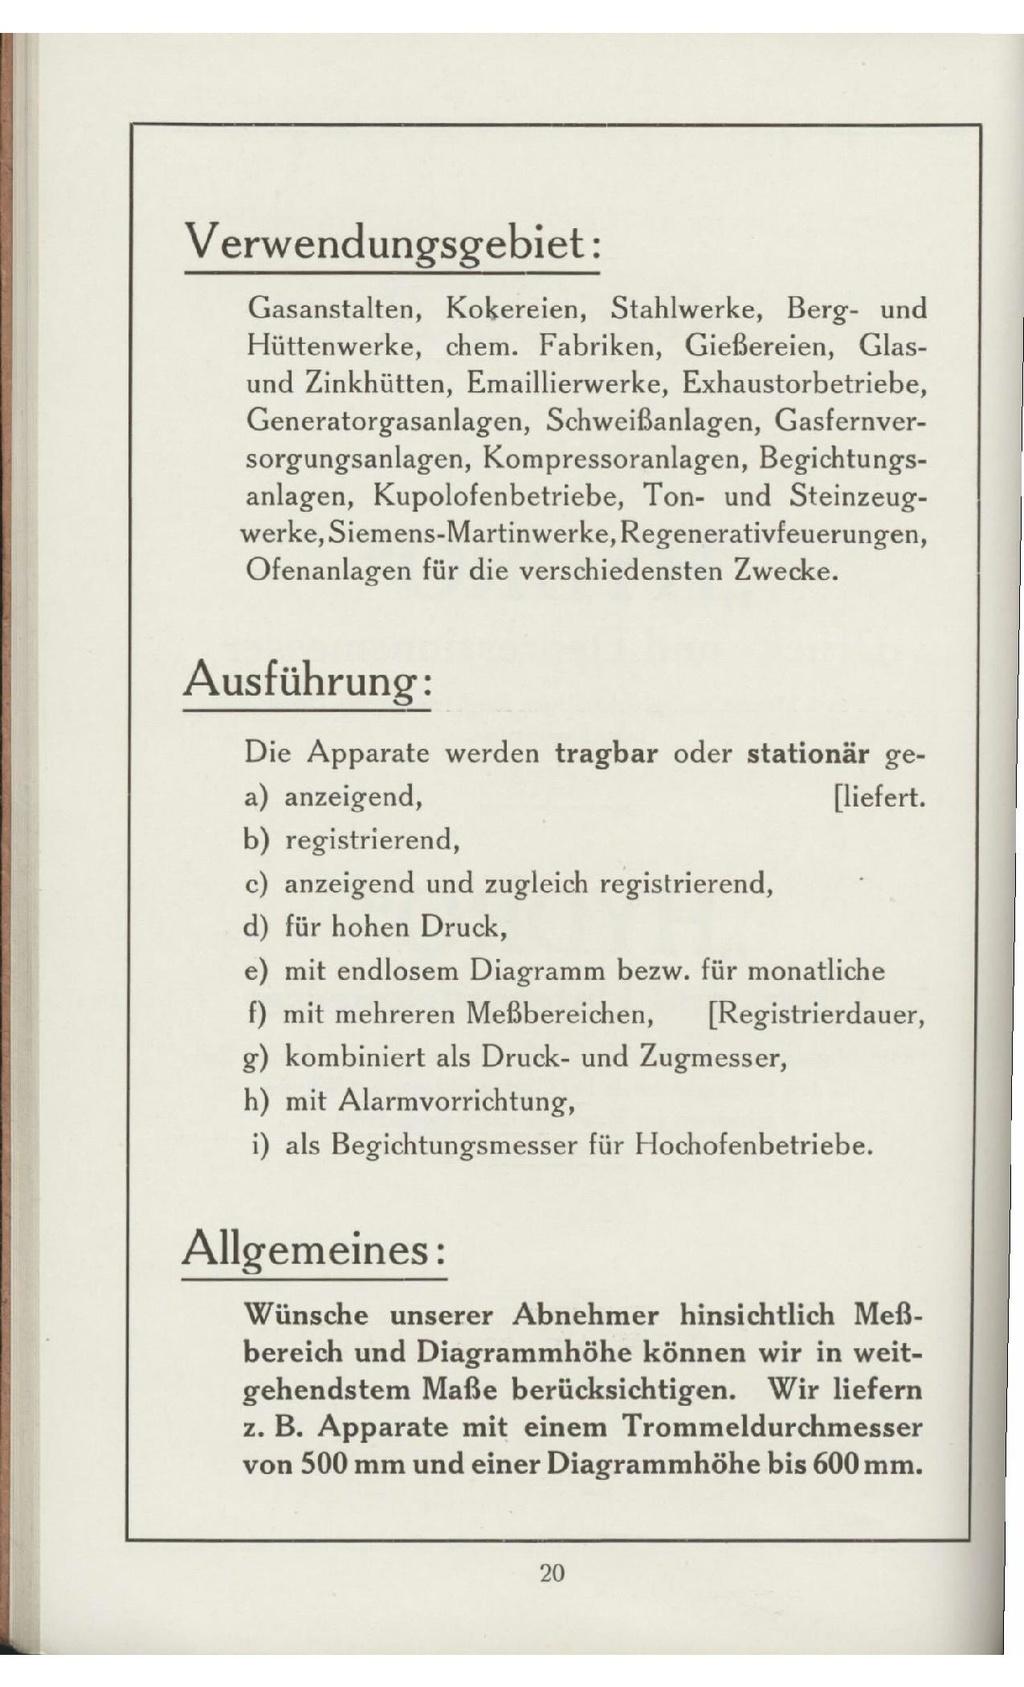 Wunderbar Kesselsystem Pdf Galerie - Der Schaltplan - greigo.com